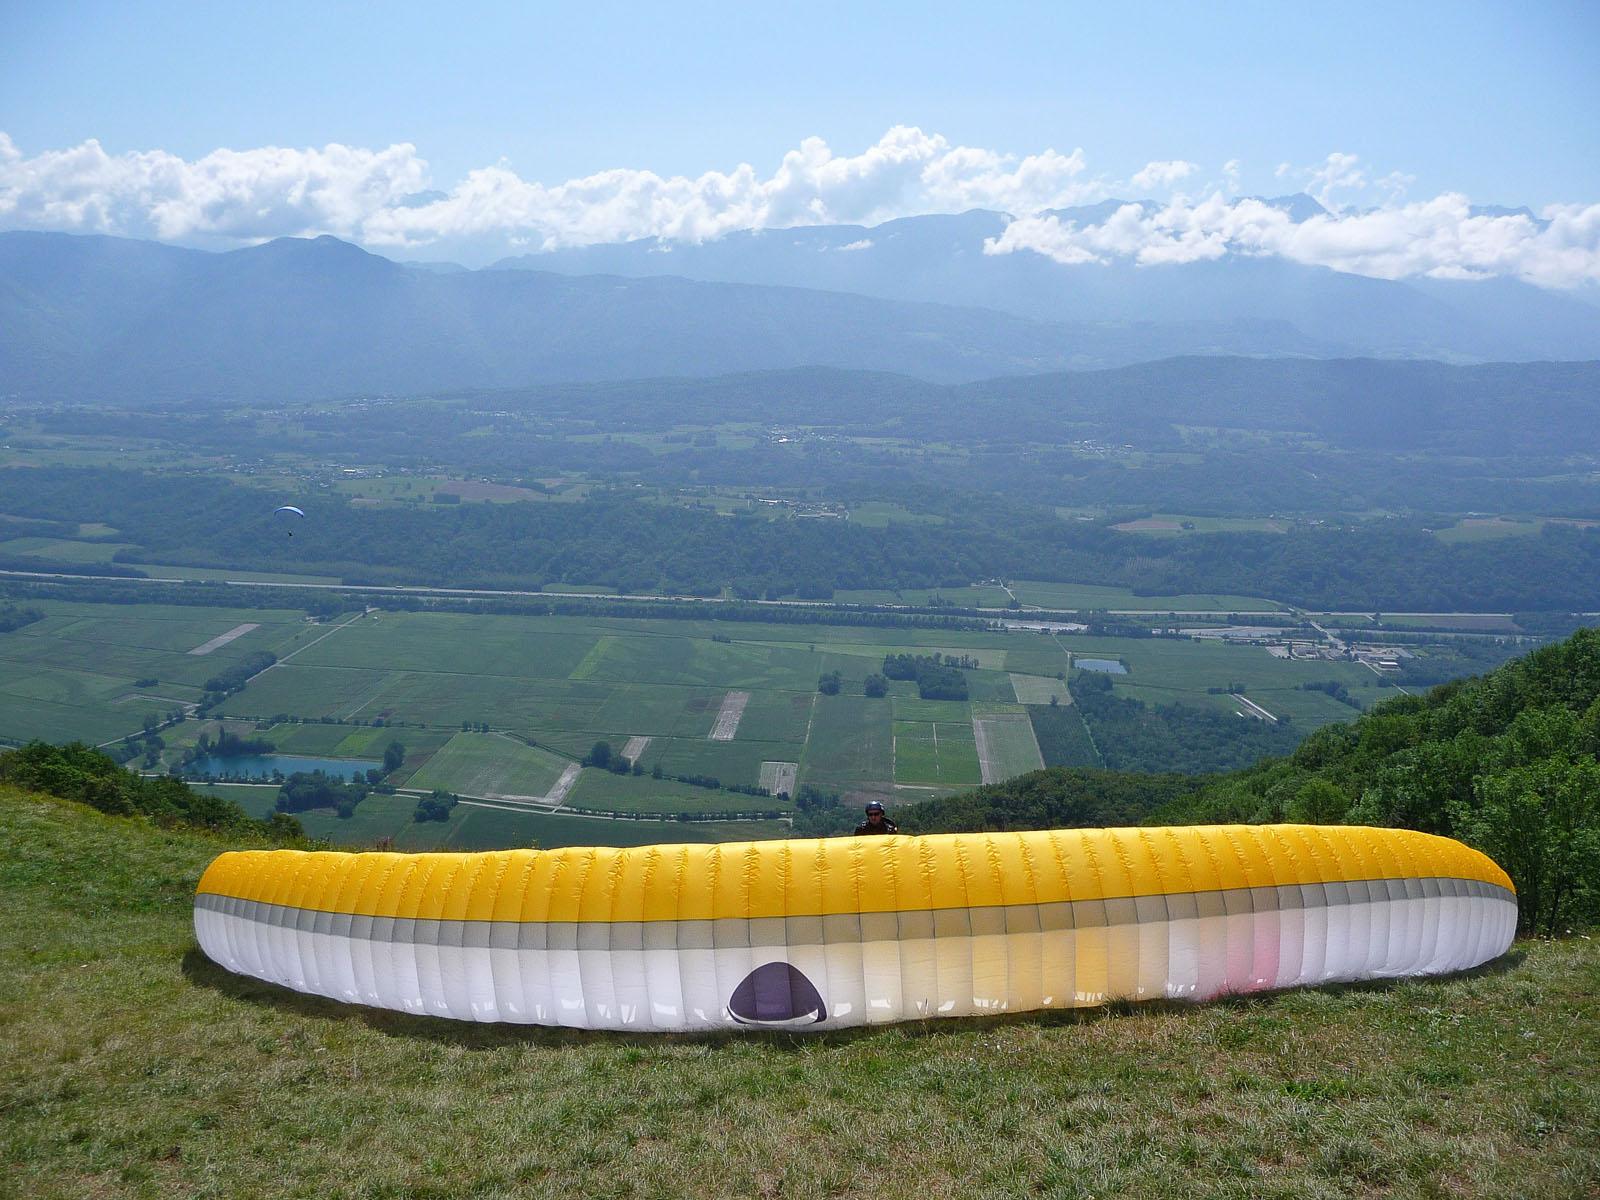 Décollage de parapente à Montlambert, Saint-Jean-de-la-Porte, Combe de Savoie, près du Gîte du Porche